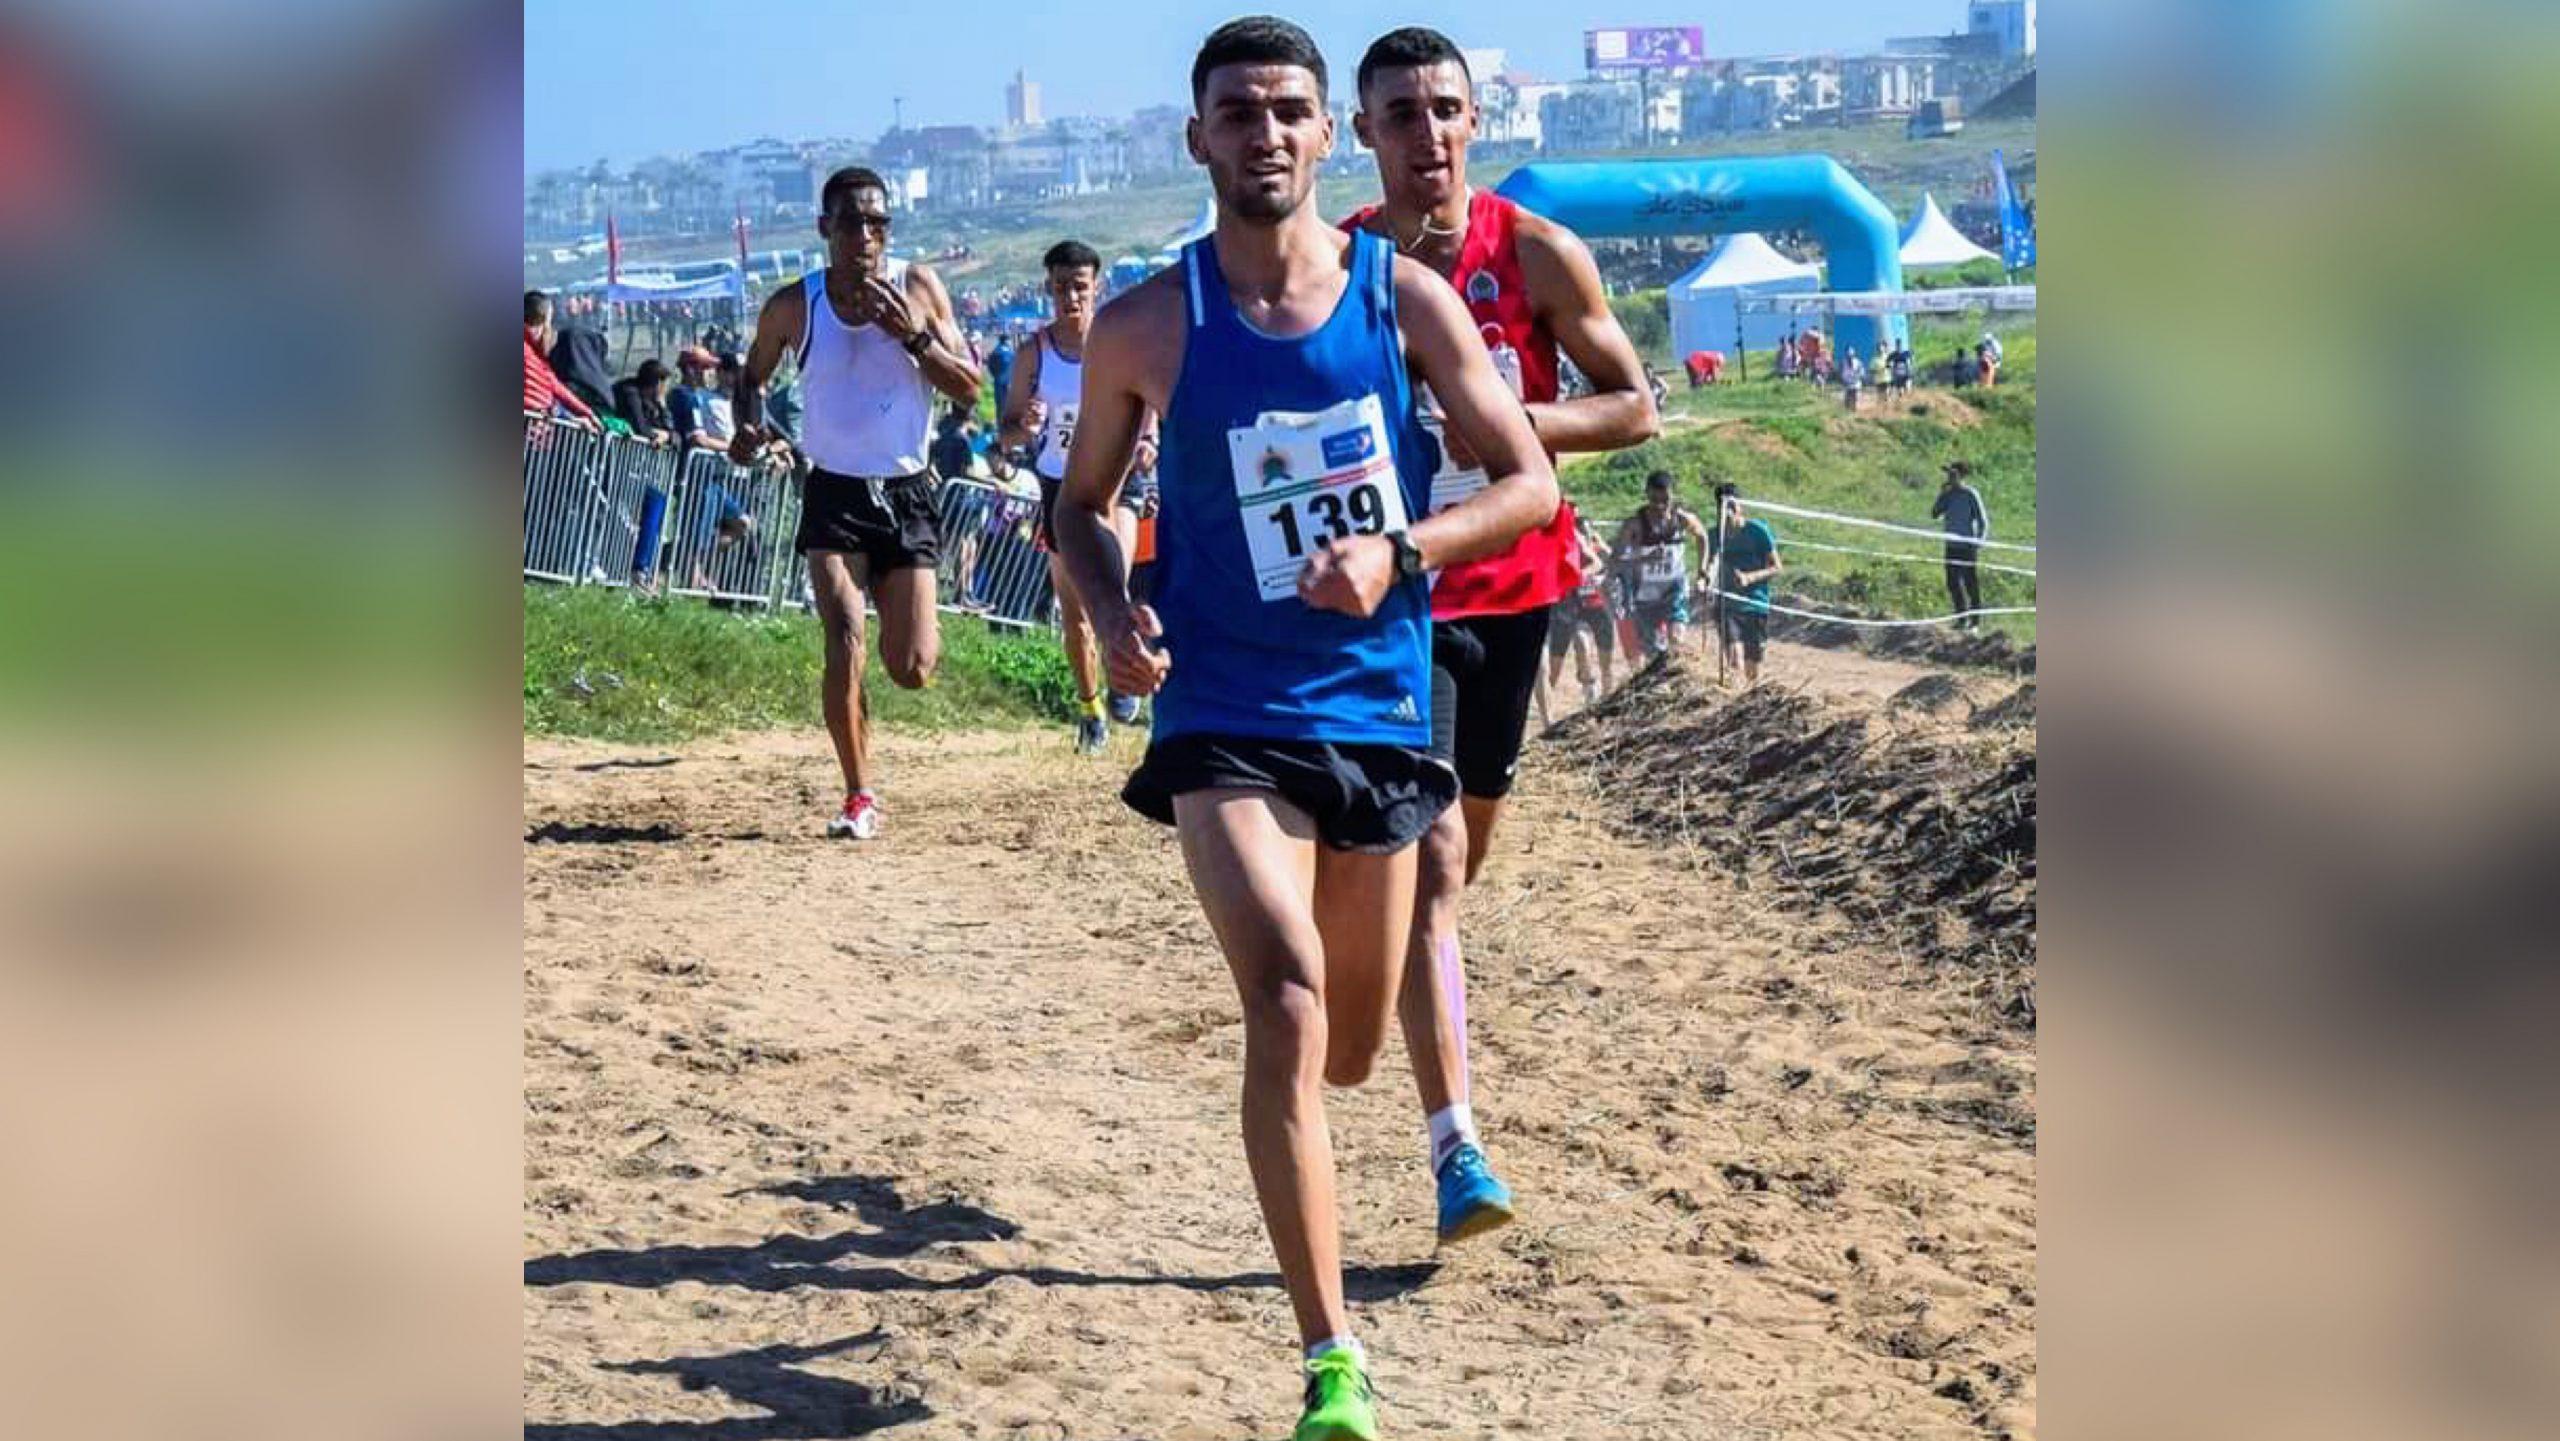 صورة عداء سوسي واعد يحلم برفع راية المغرب دوليا وهذه رسالته للمسؤولين